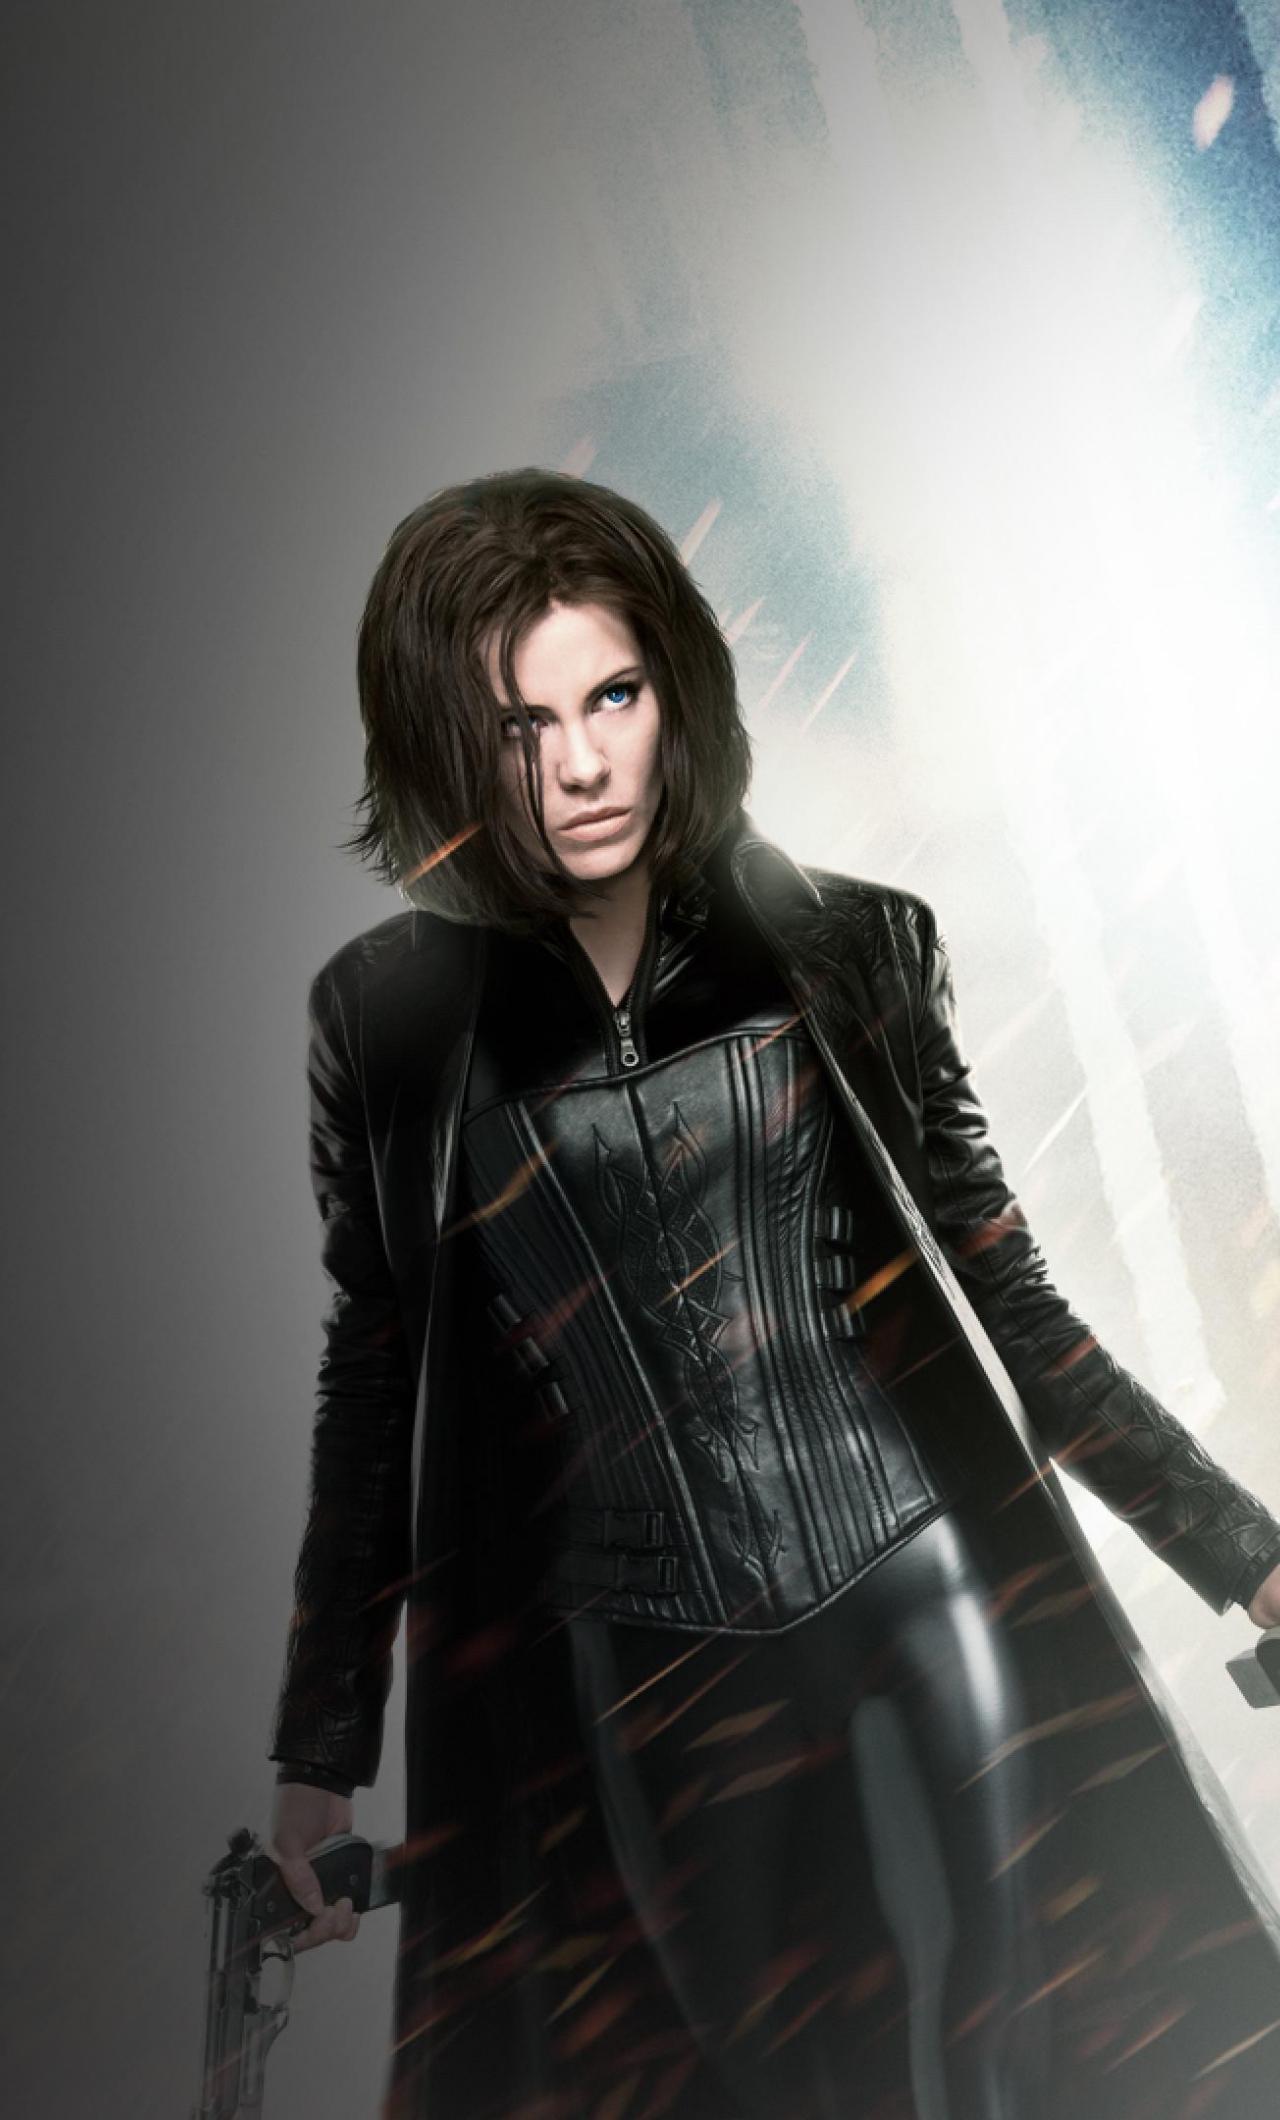 Vampire, Kate Beckinsale, Underworld, movie, 1280x2120 wallpaper